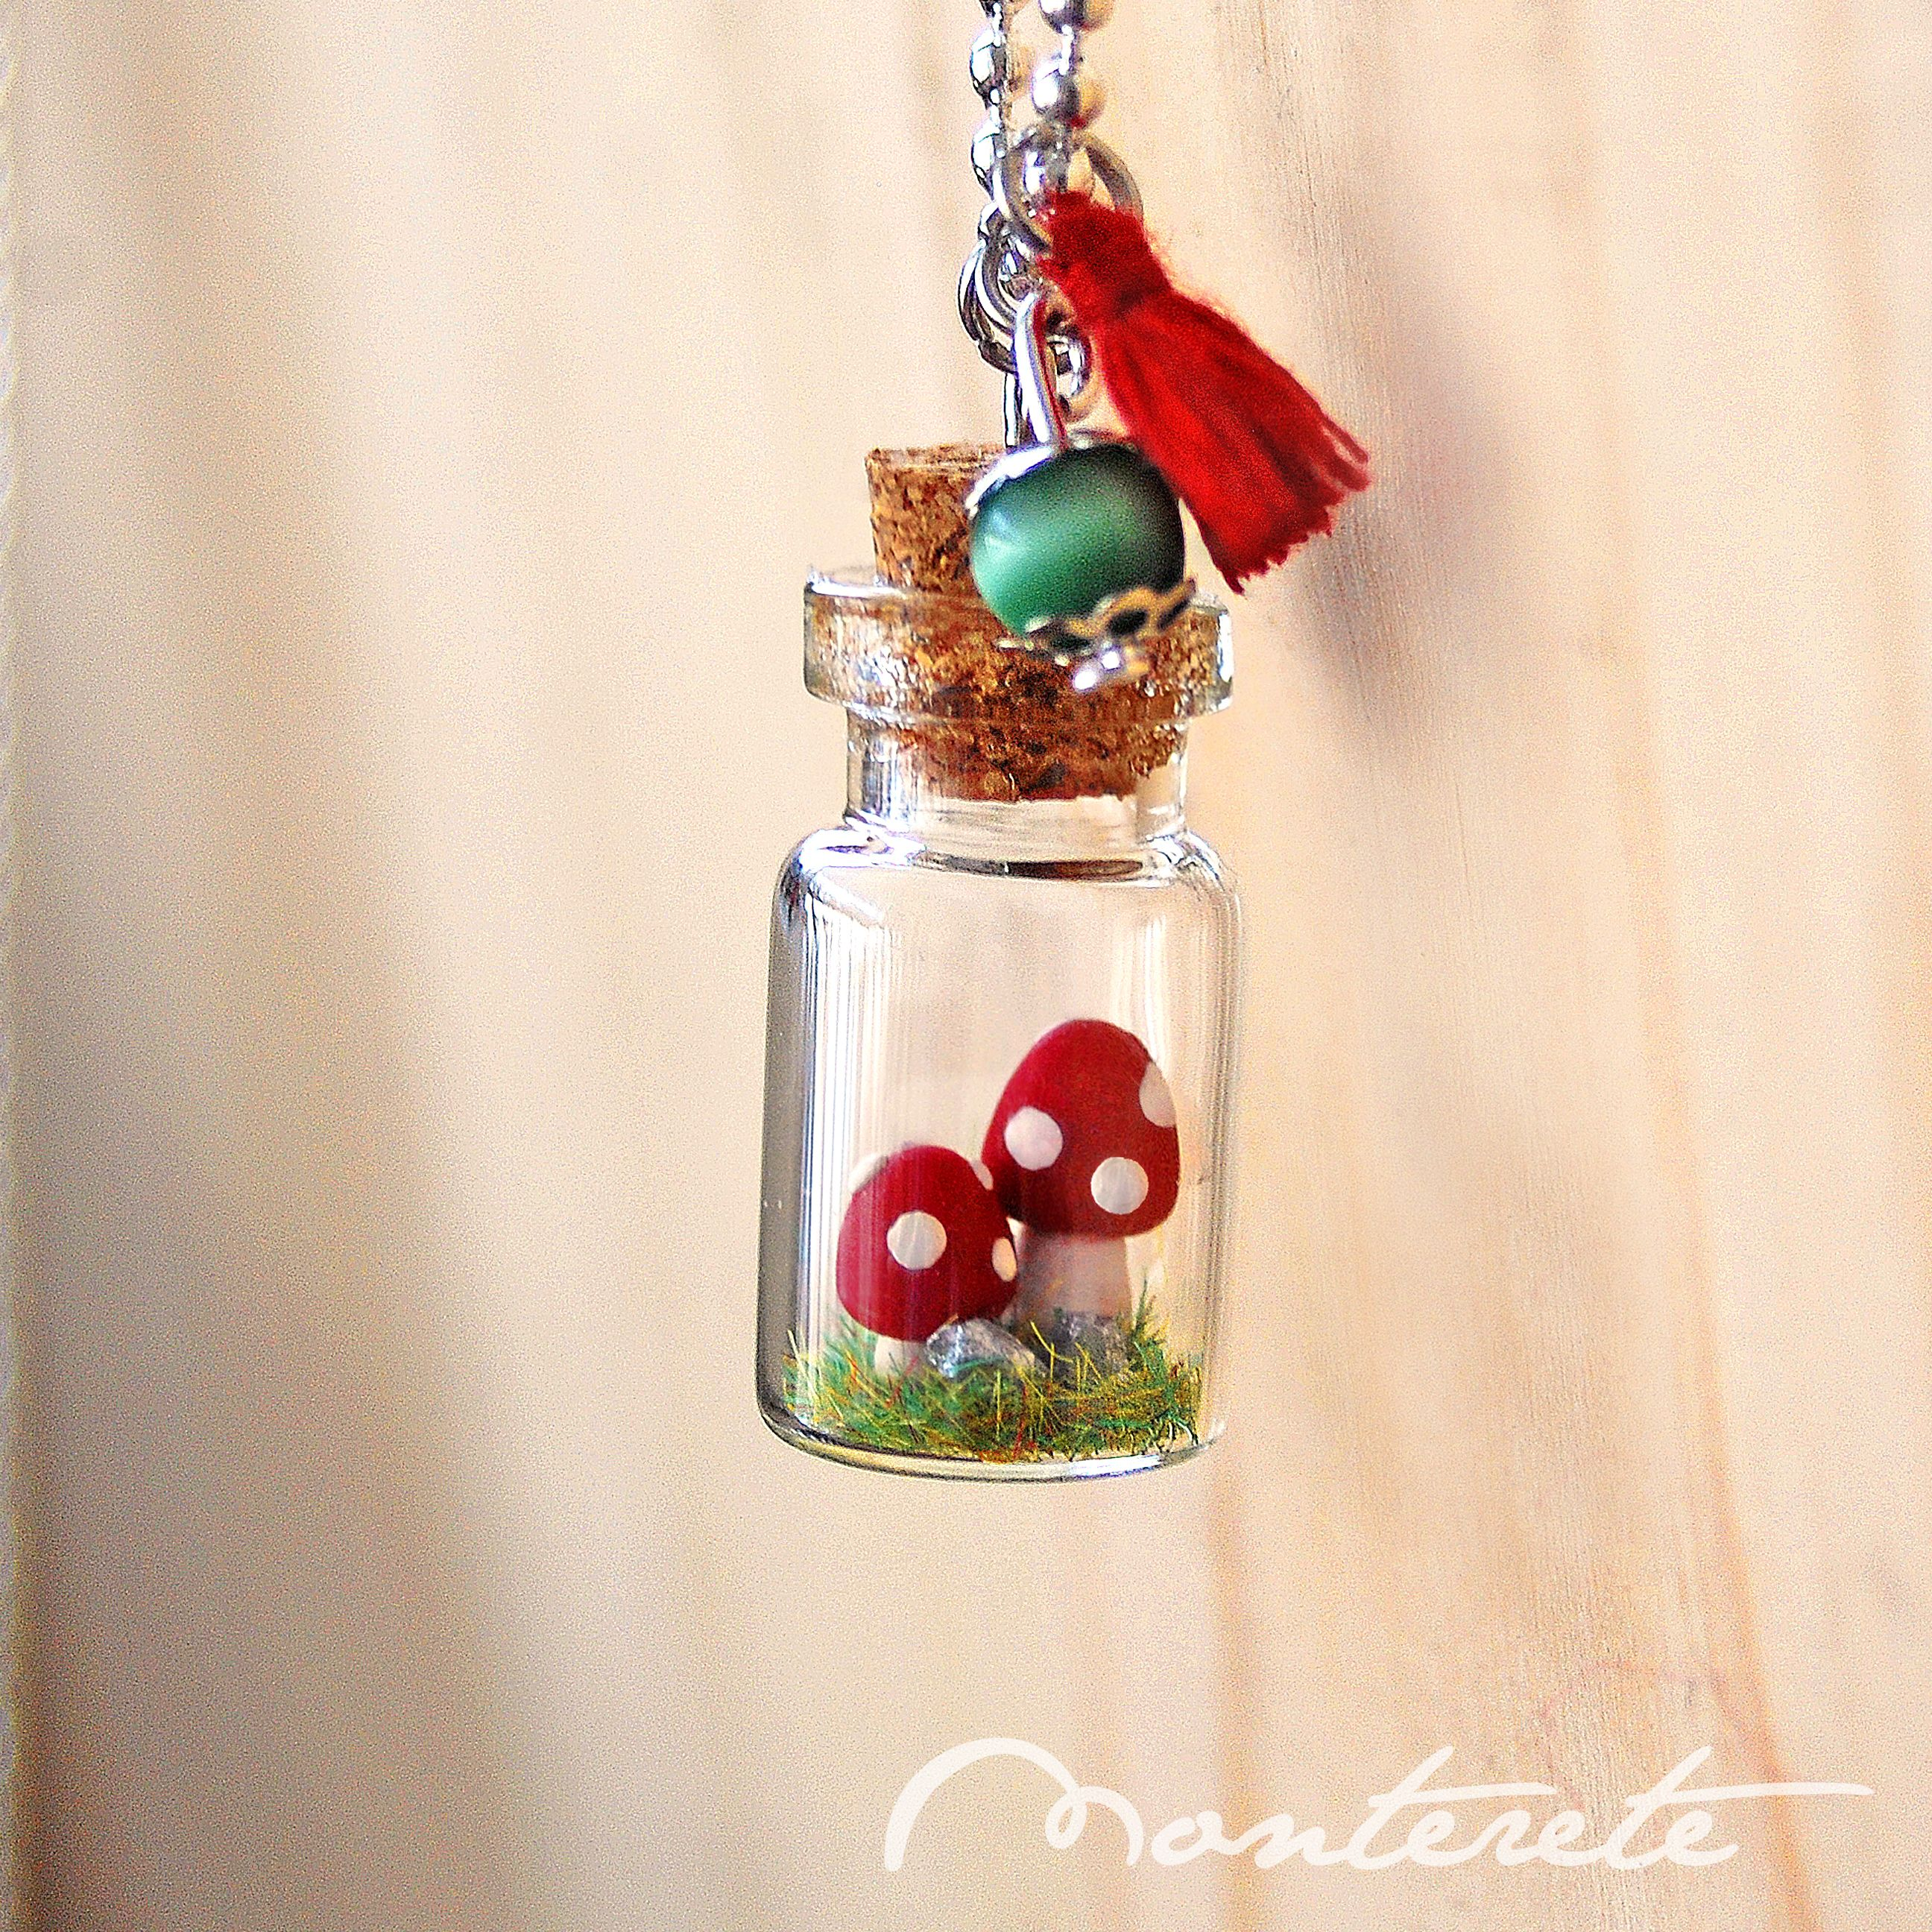 Collar botellita de cristal con diorama mini setas - Manualidades con botellas de cristal ...